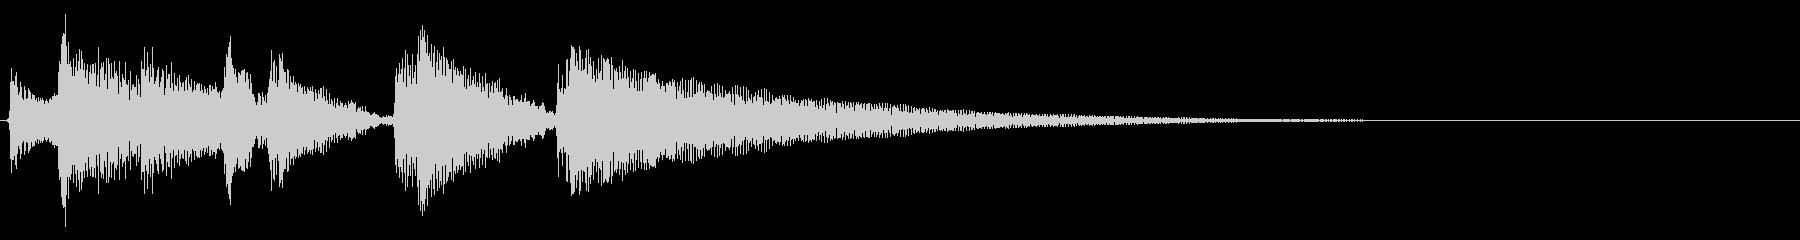 ★アコギ生音のジングル/爽やか6、元気の未再生の波形